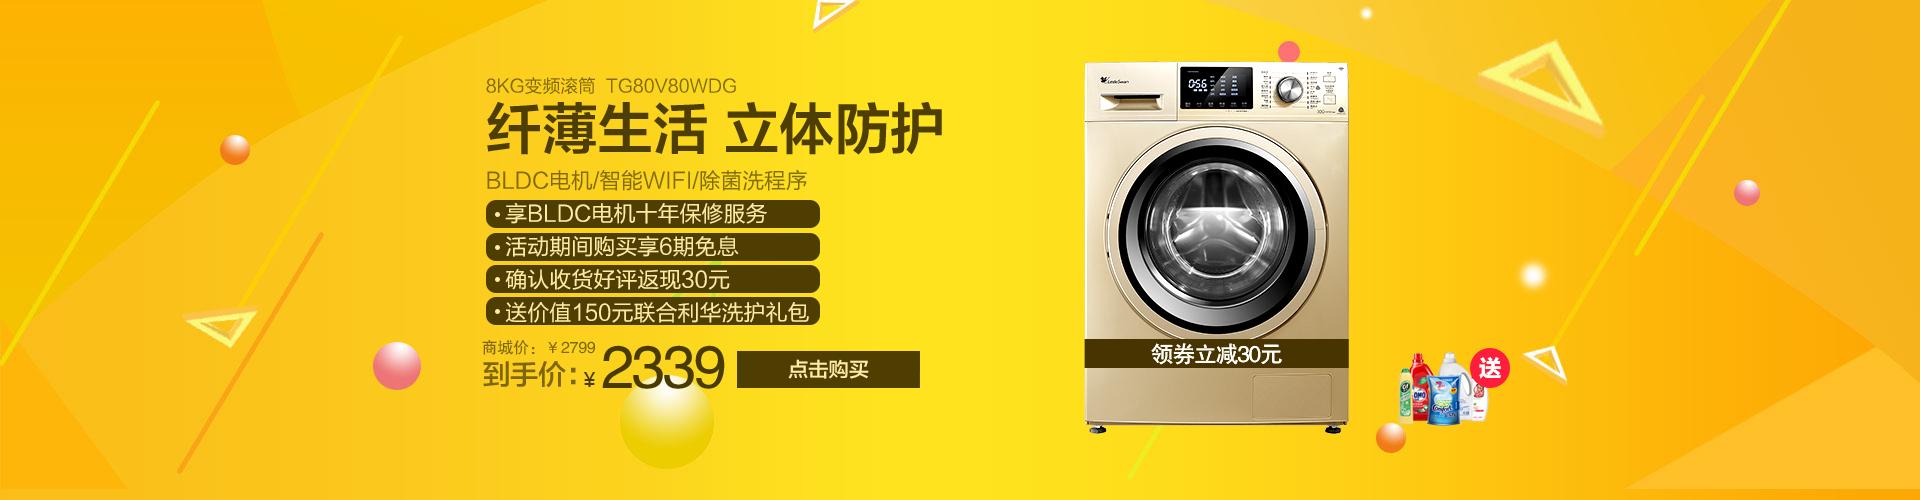 8公斤变频滚筒洗衣机 TG80V80WDG